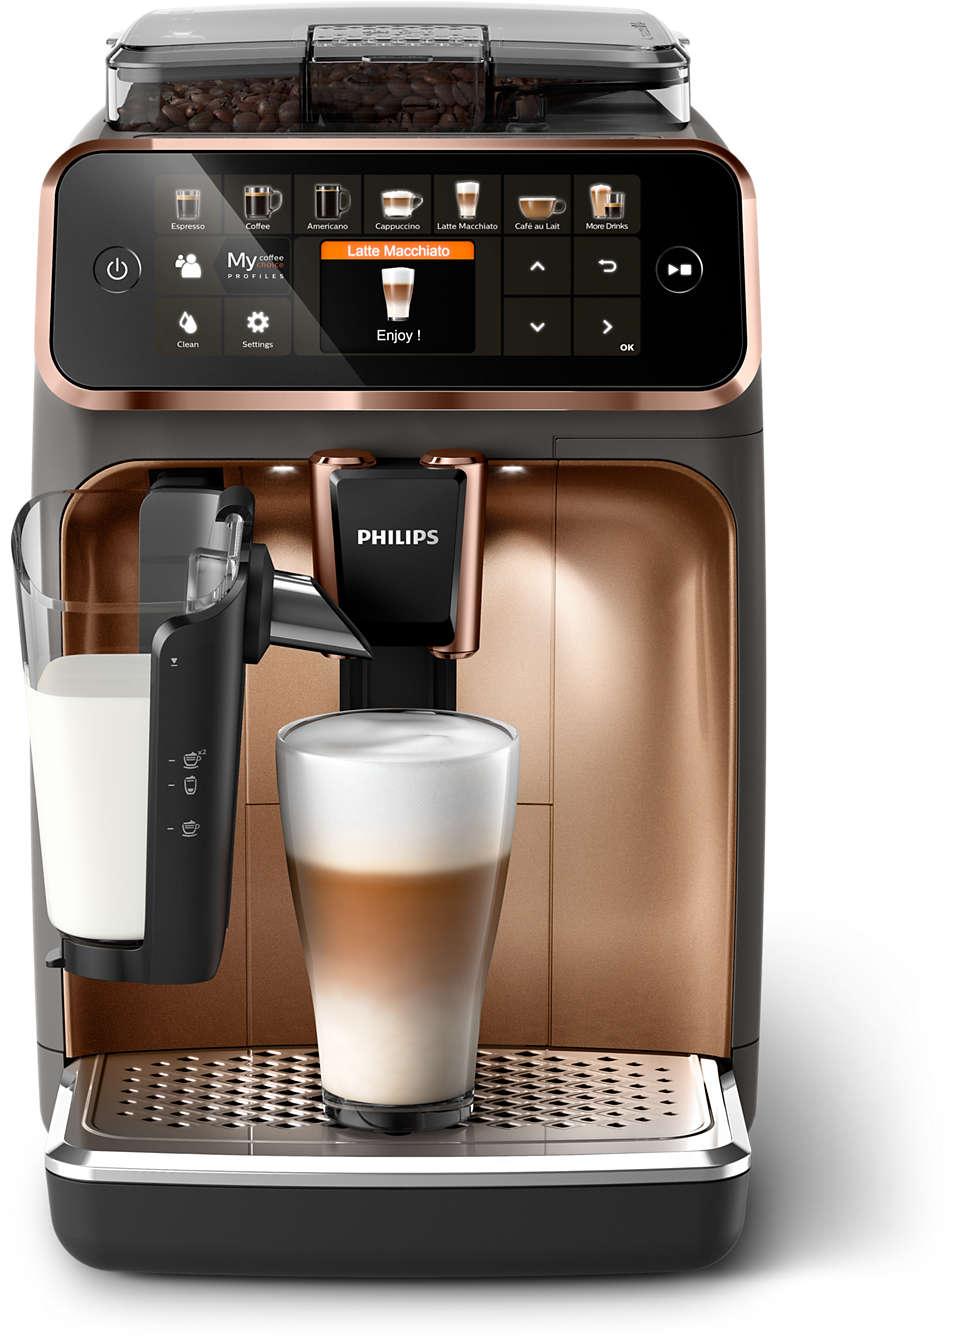 用新鲜咖啡豆制作 12 种美味的咖啡,操作简单